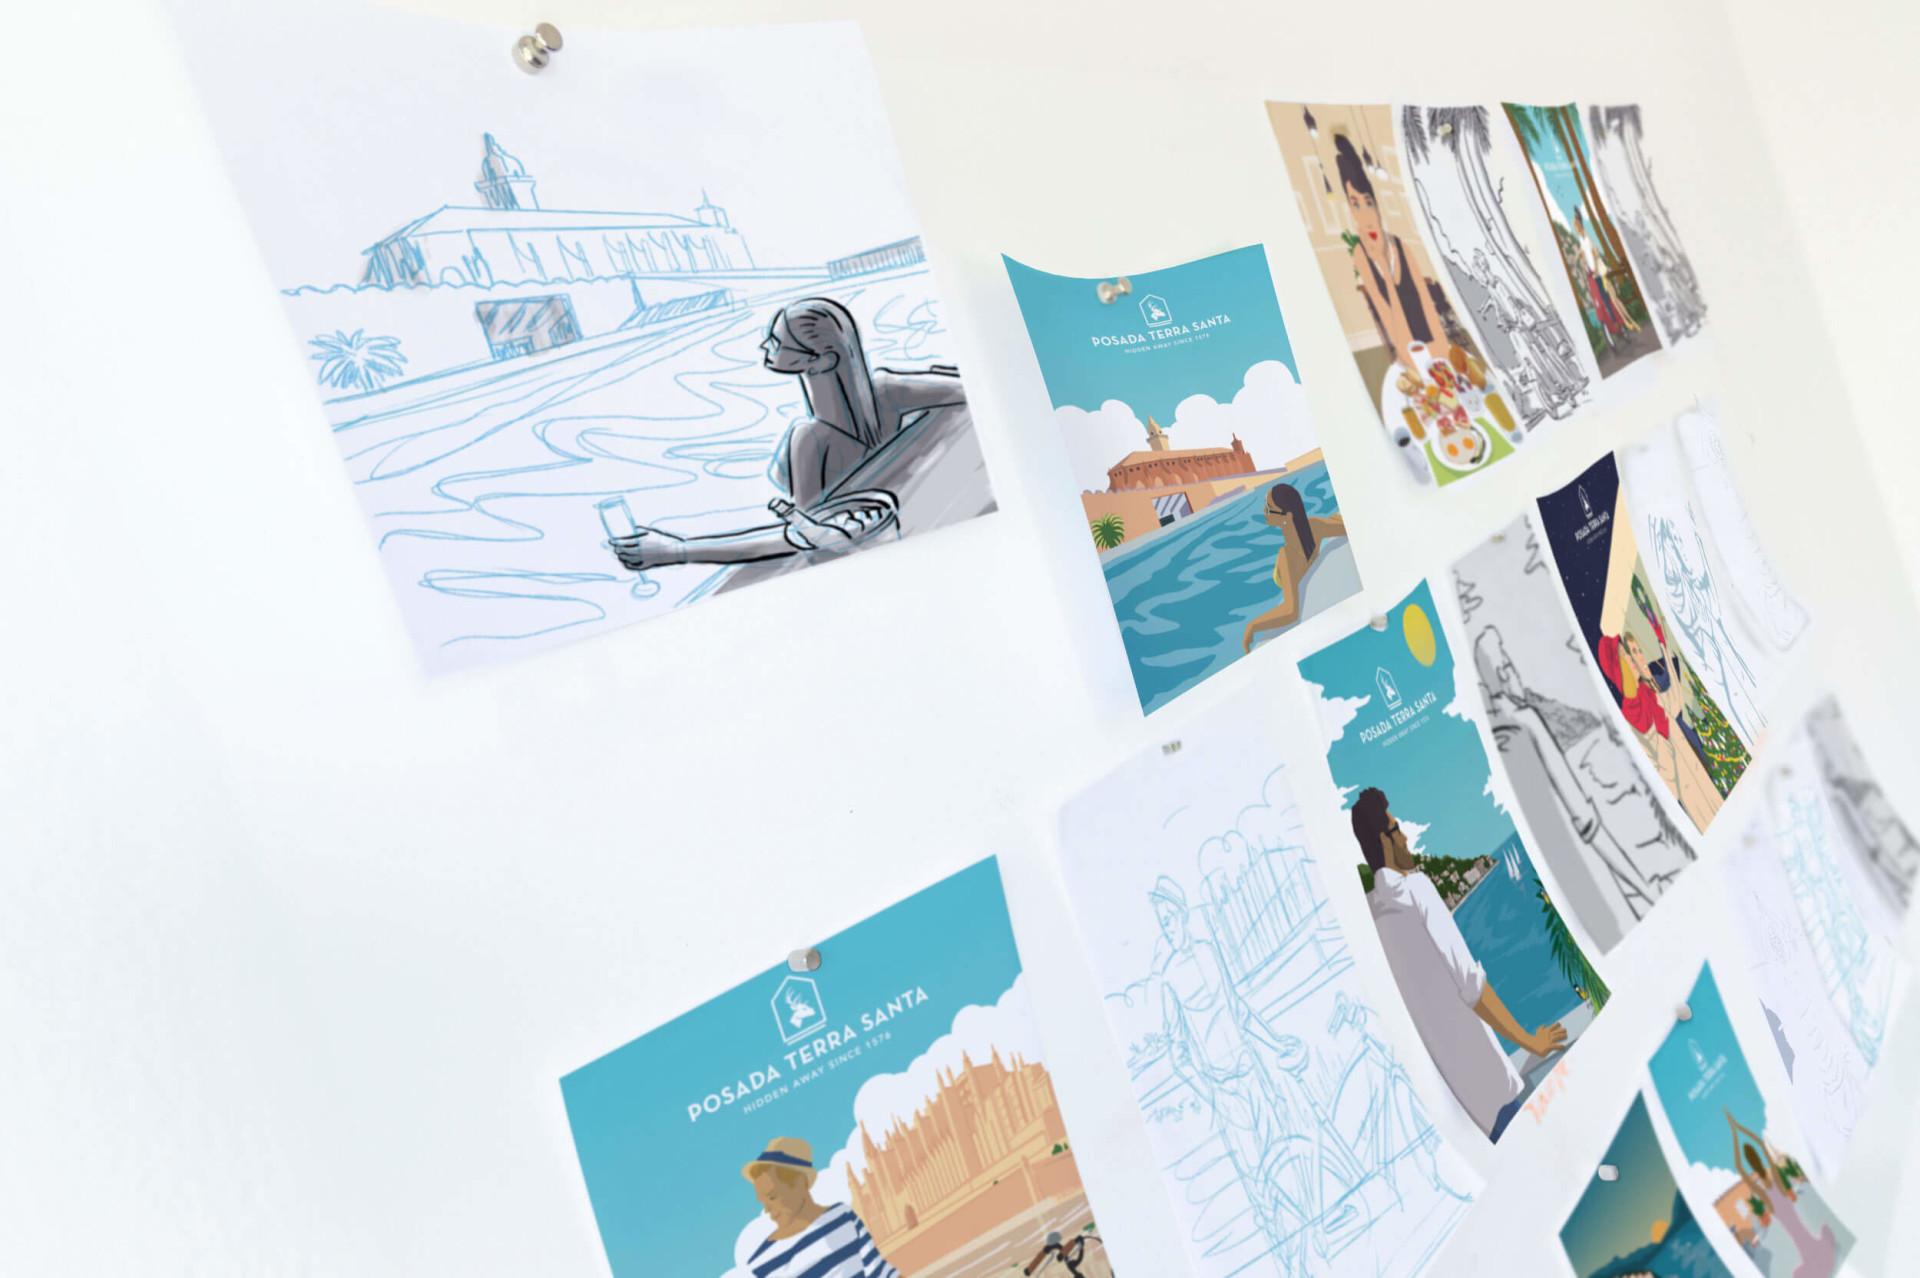 ilustraciones-posada-terra-santa-pizarra-bocetos